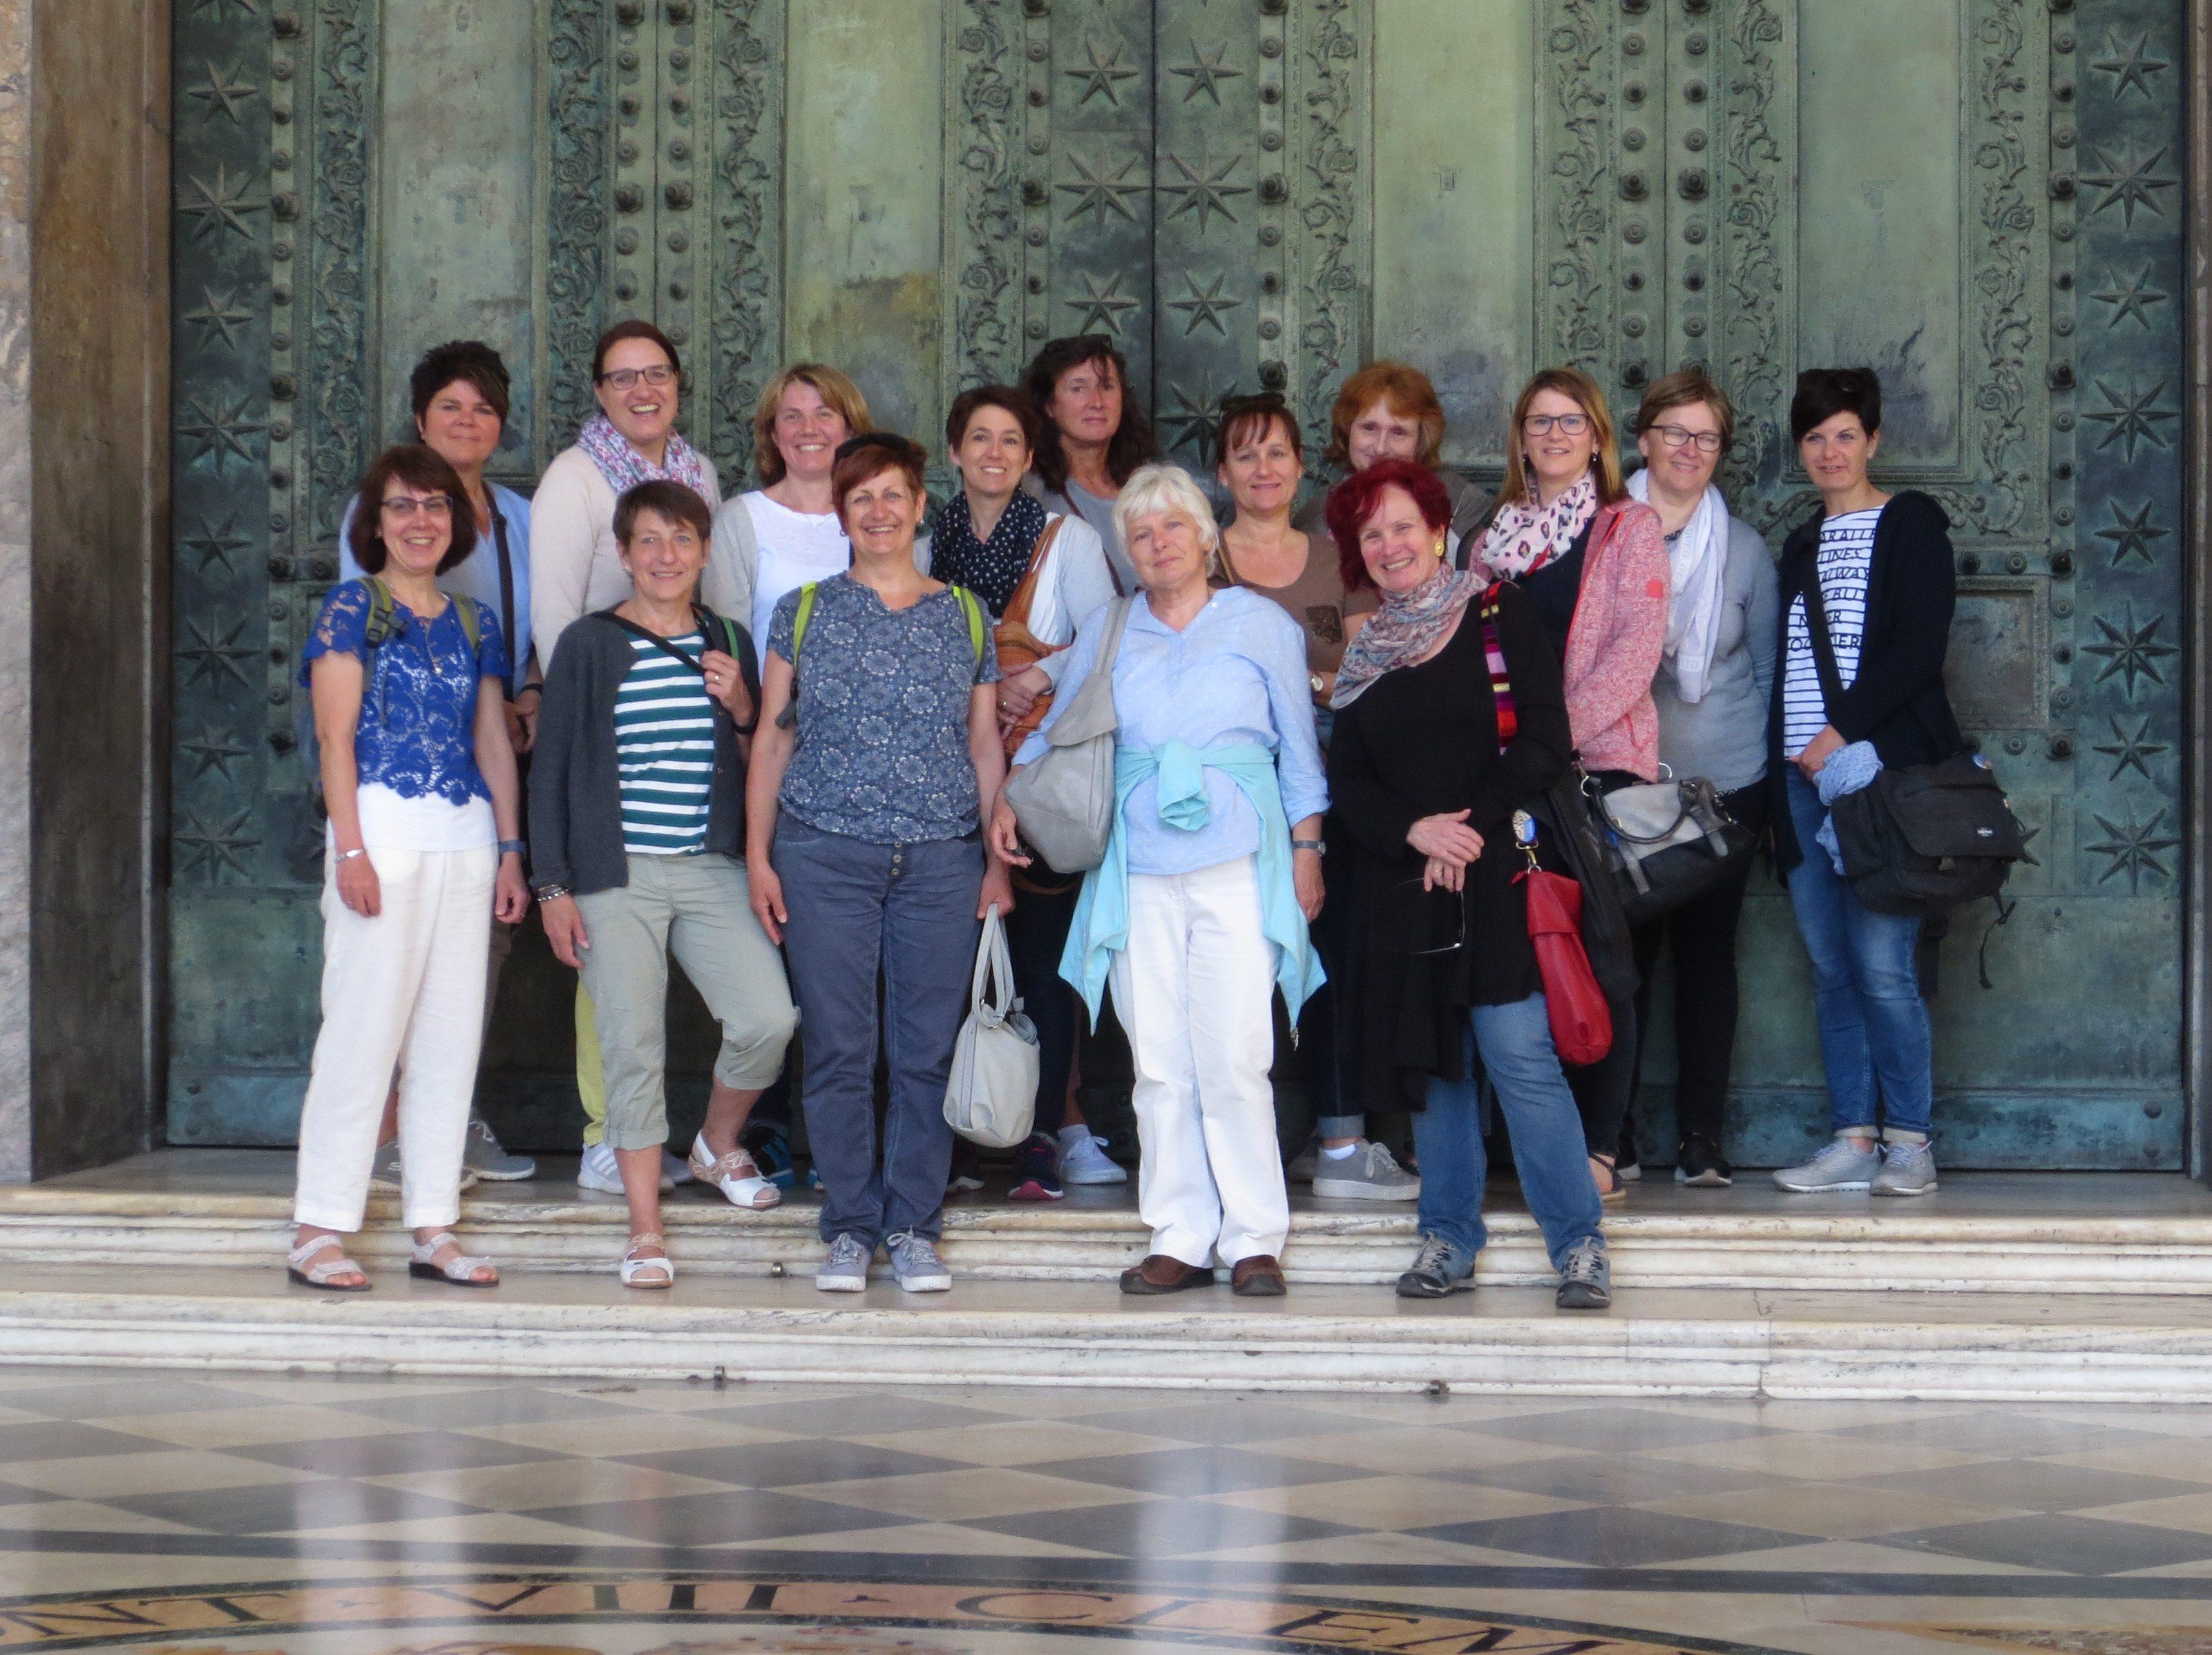 Romfahrt 2019 Frauengemeinschaft Balzhofen